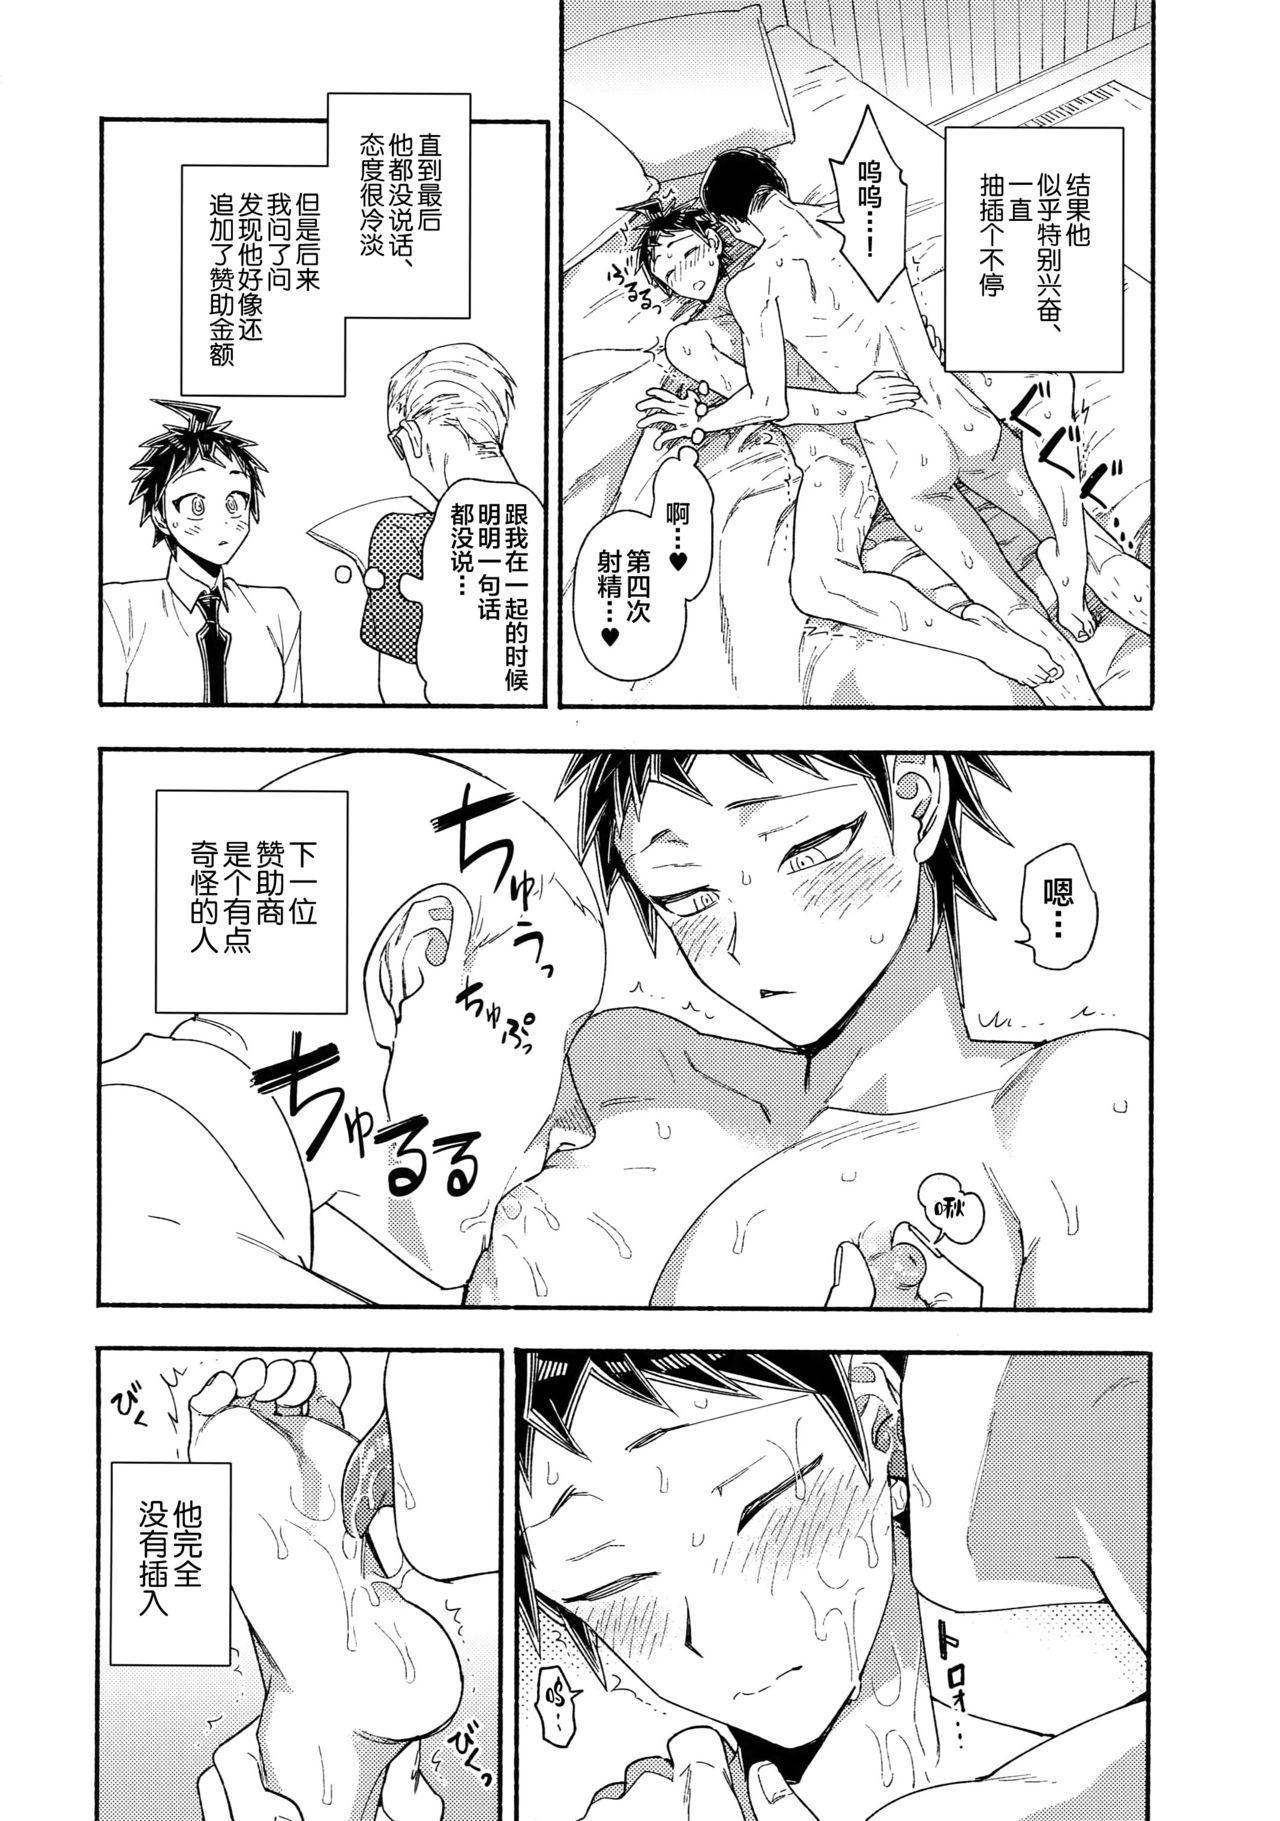 Aisareru Yobi Gakka 19